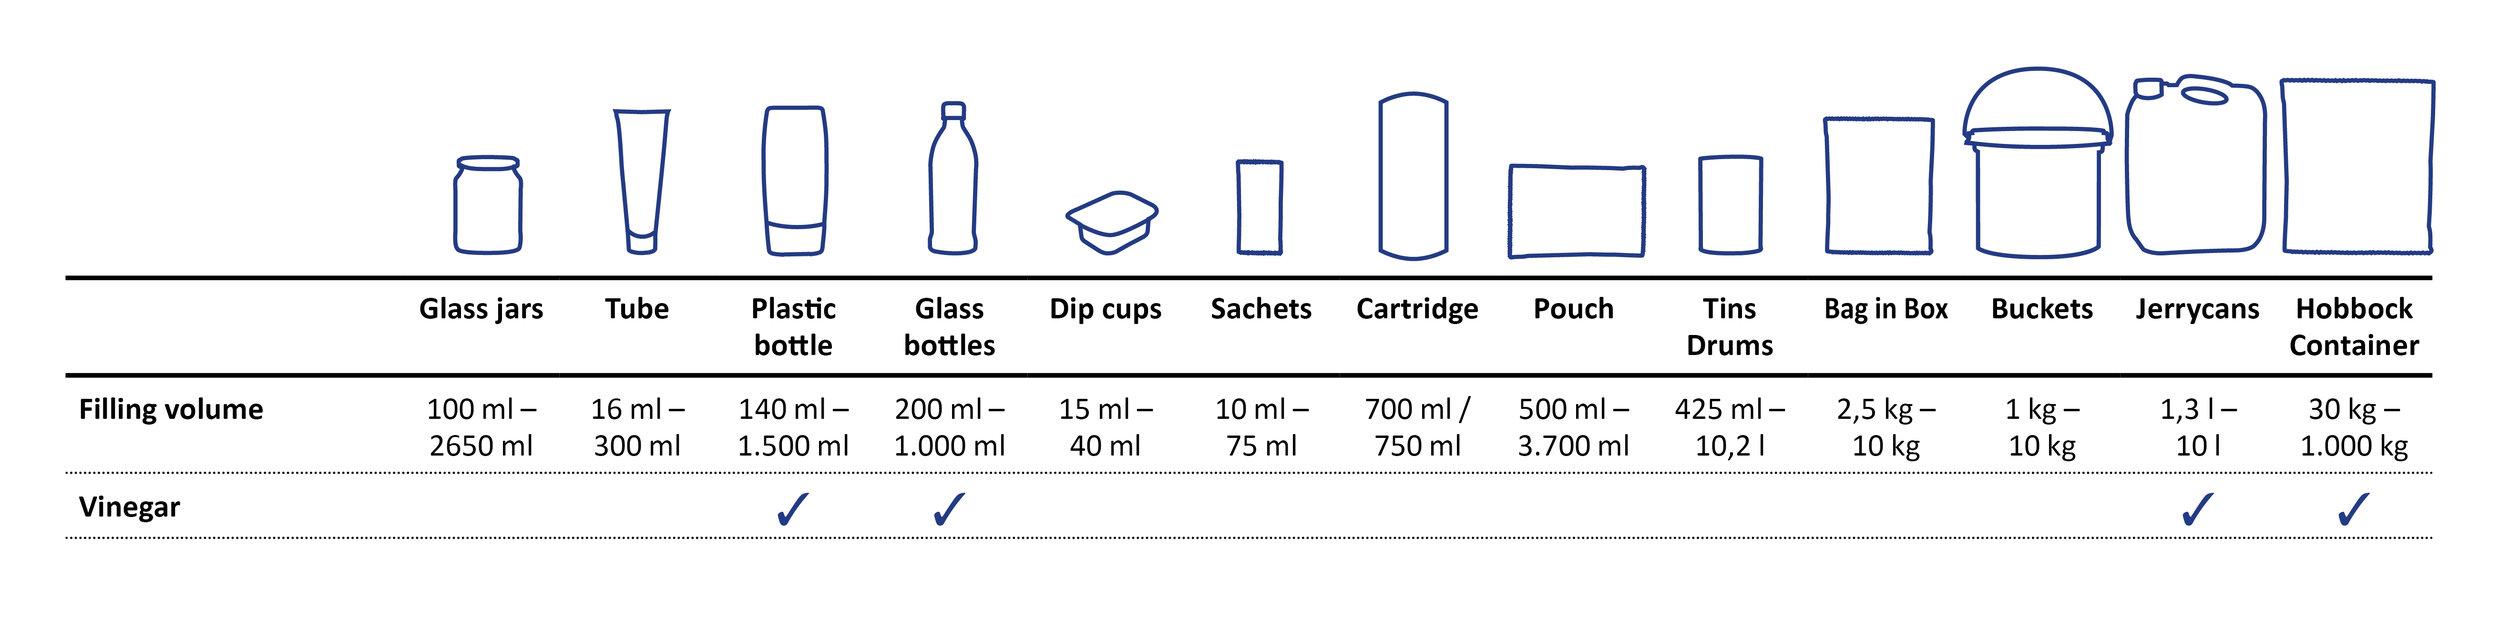 packaging-overview-sueko-vinegar.jpg